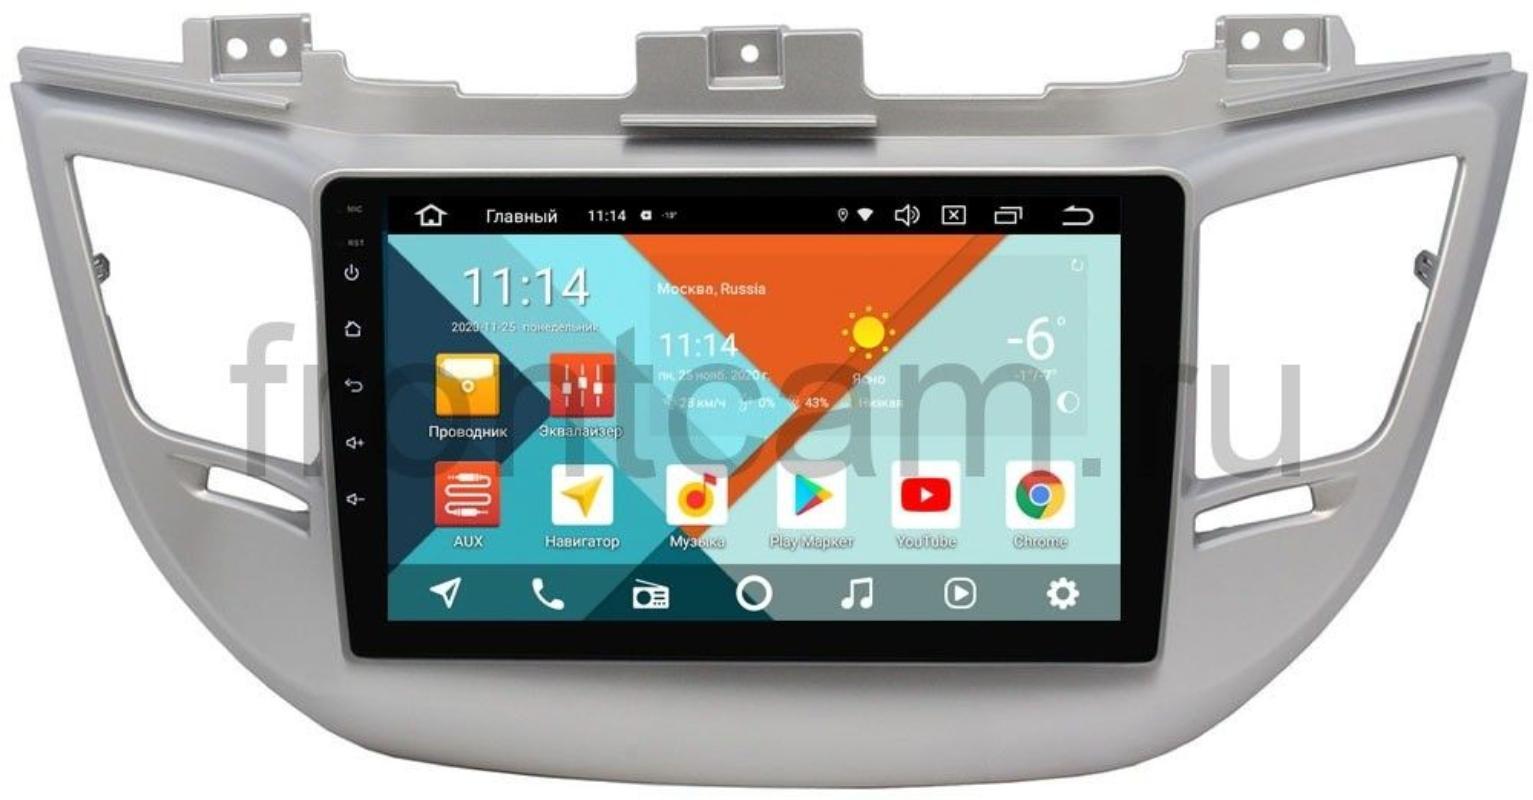 Штатная магнитола Wide Media KS9042QR-3/32 DSP CarPlay 4G-SIM для Hyundai Tucson III на Android 10 (для авто с камерой) (+ Камера заднего вида в подарок!)